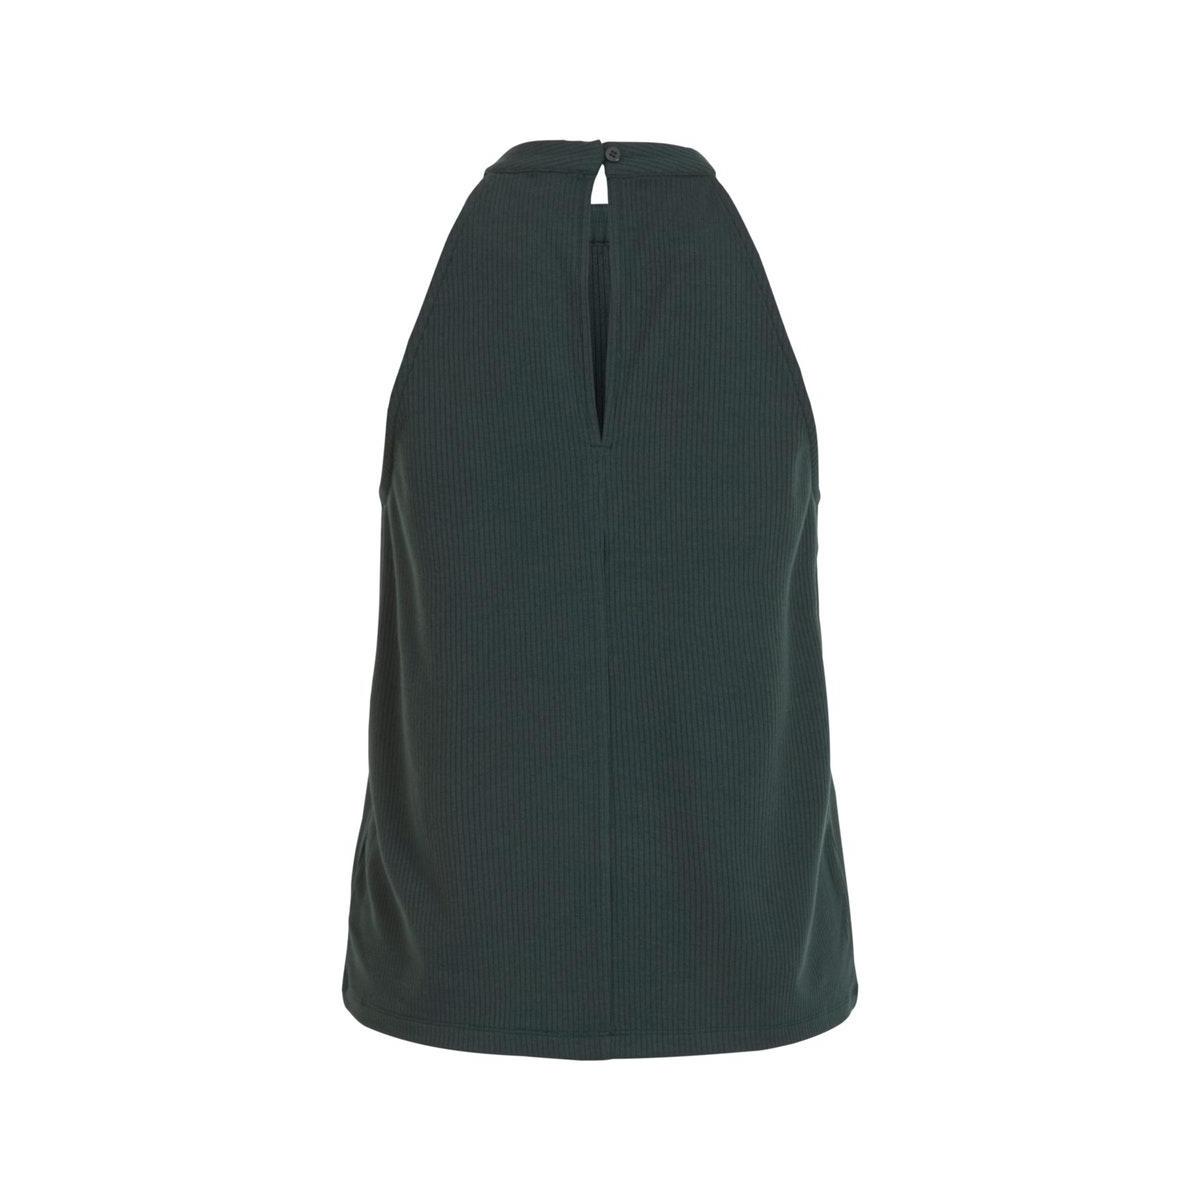 objkala singlet 109 23032695 object top scarab